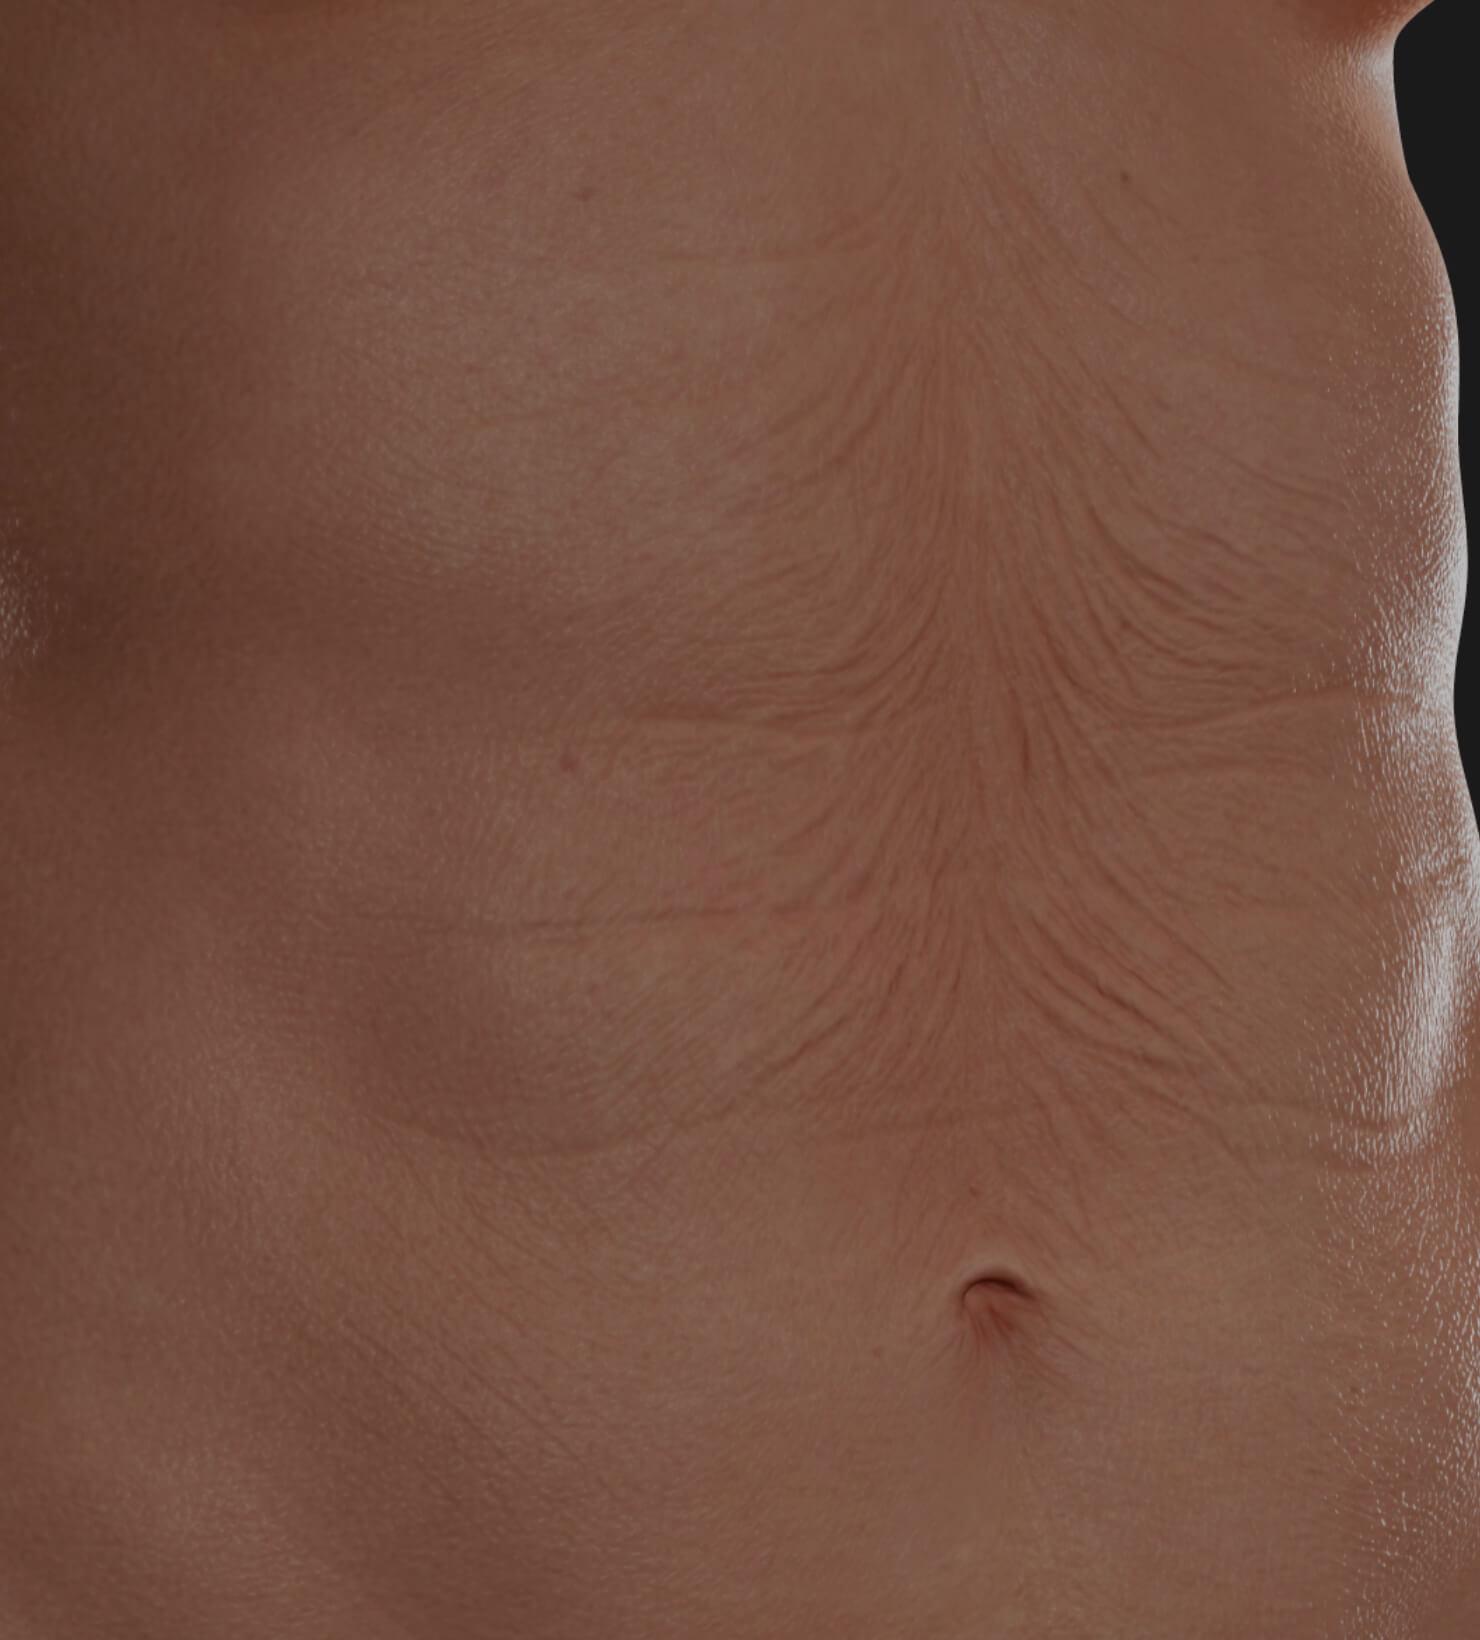 Abdomen avec relâchement cutané à être traité à la Clinique Chloé avec le laser Tight Sculpting pour du raffermissement